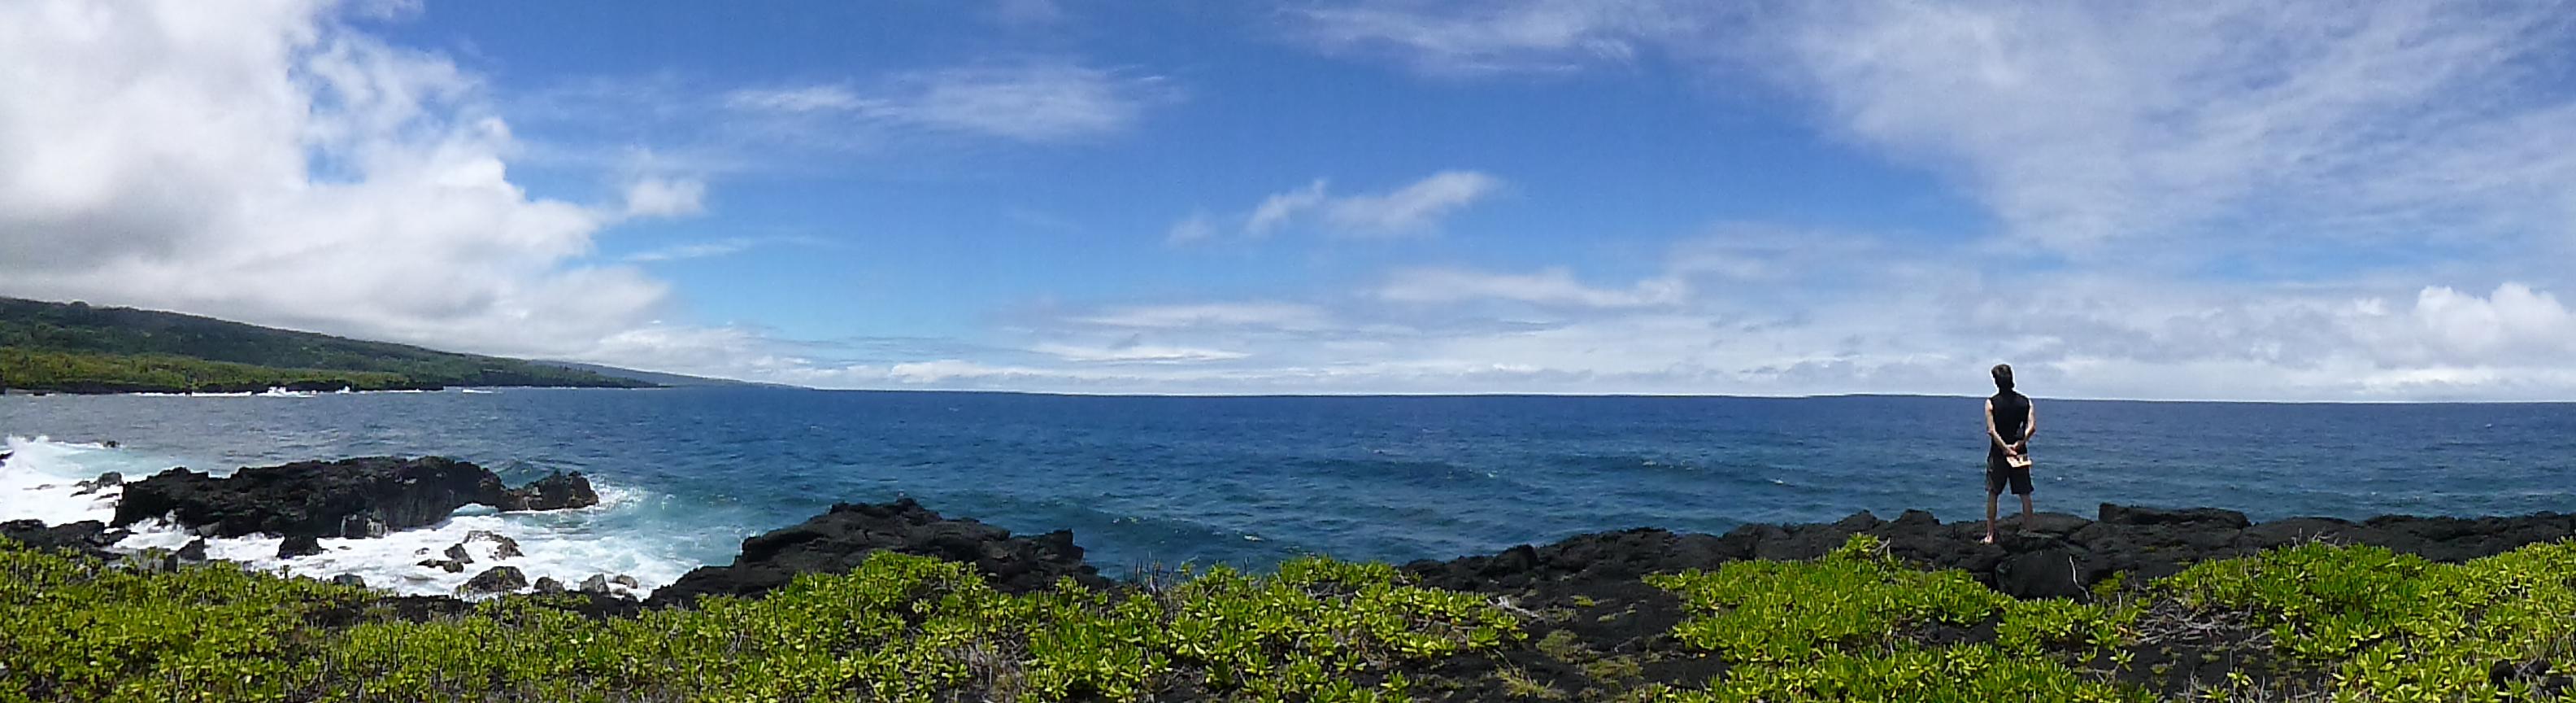 Hawaii  2013 159